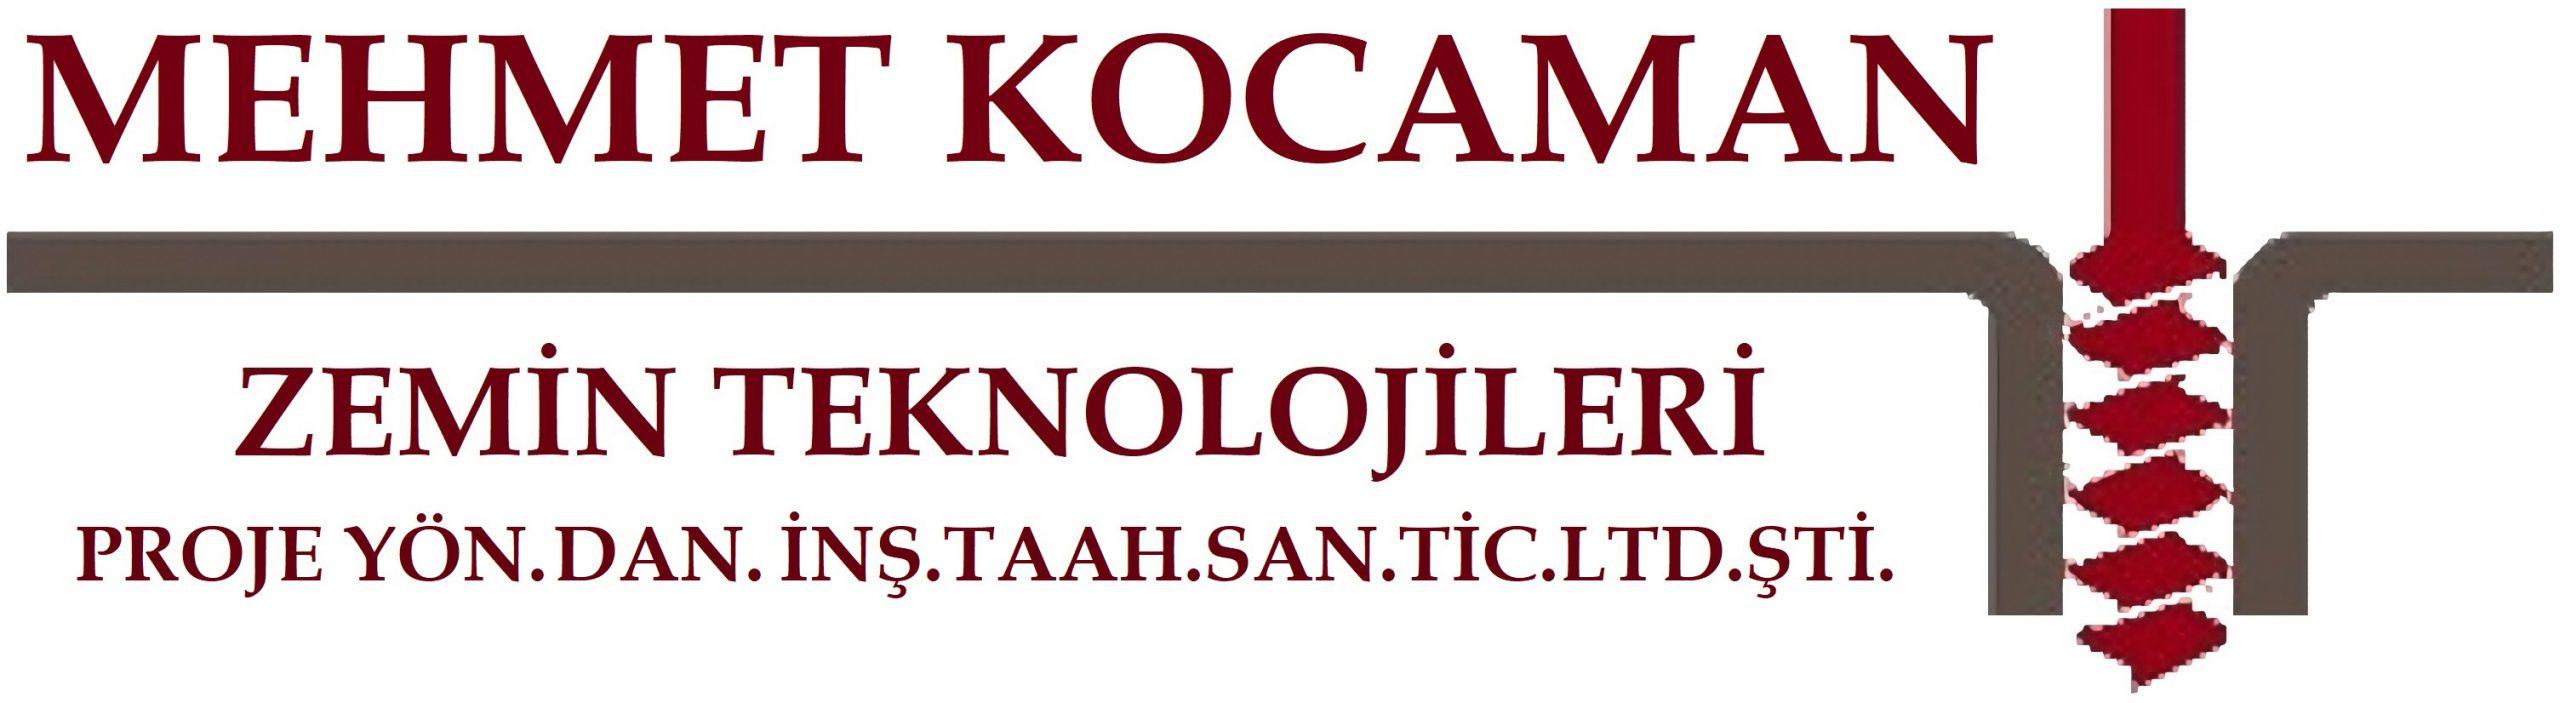 Mehmet Kocaman